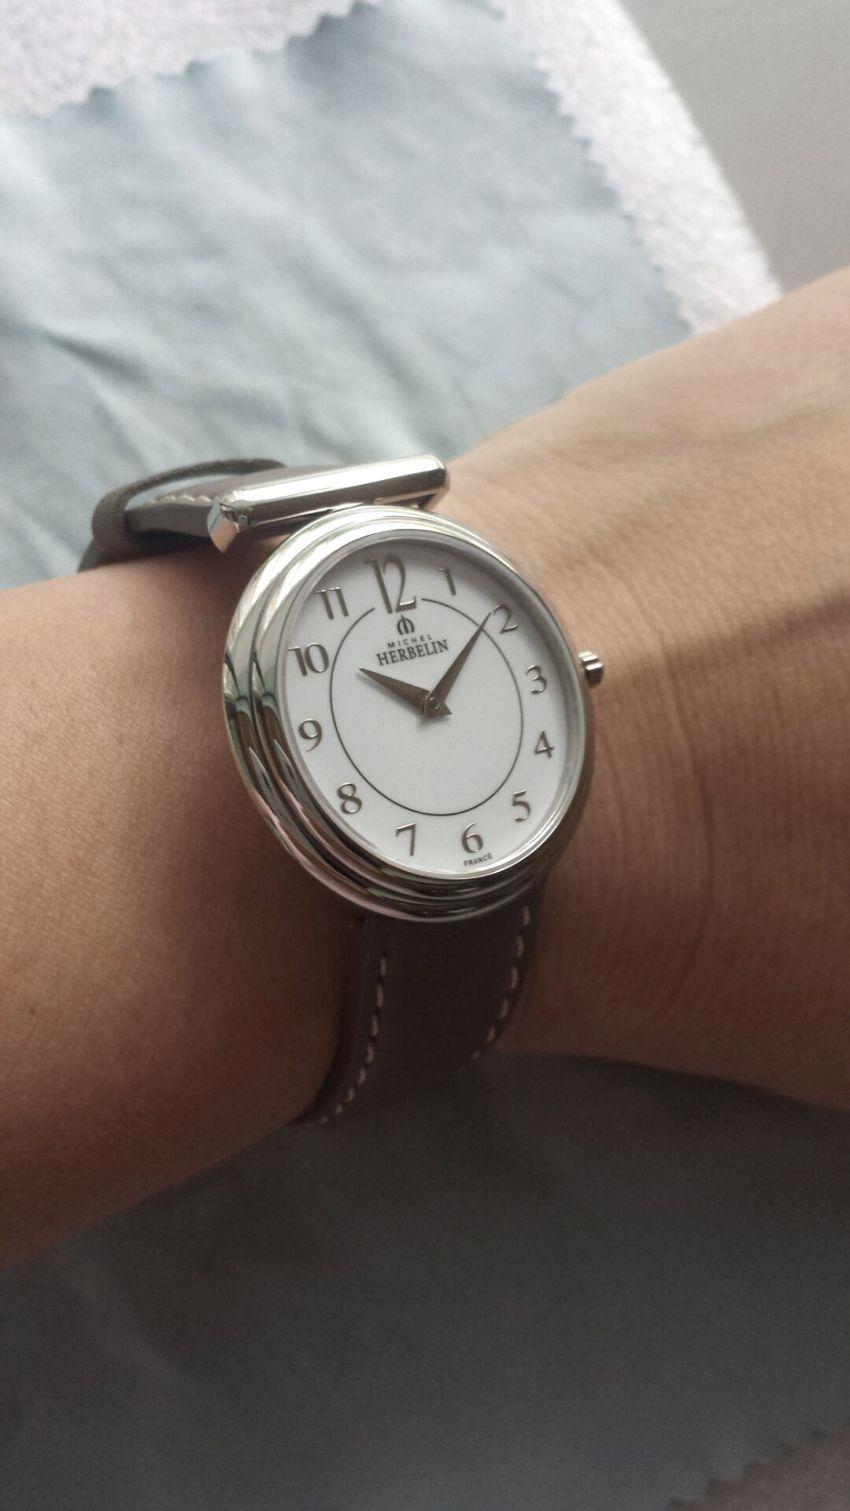 赫柏林17465/11TA手表【表友晒单作业】外观漂亮时...